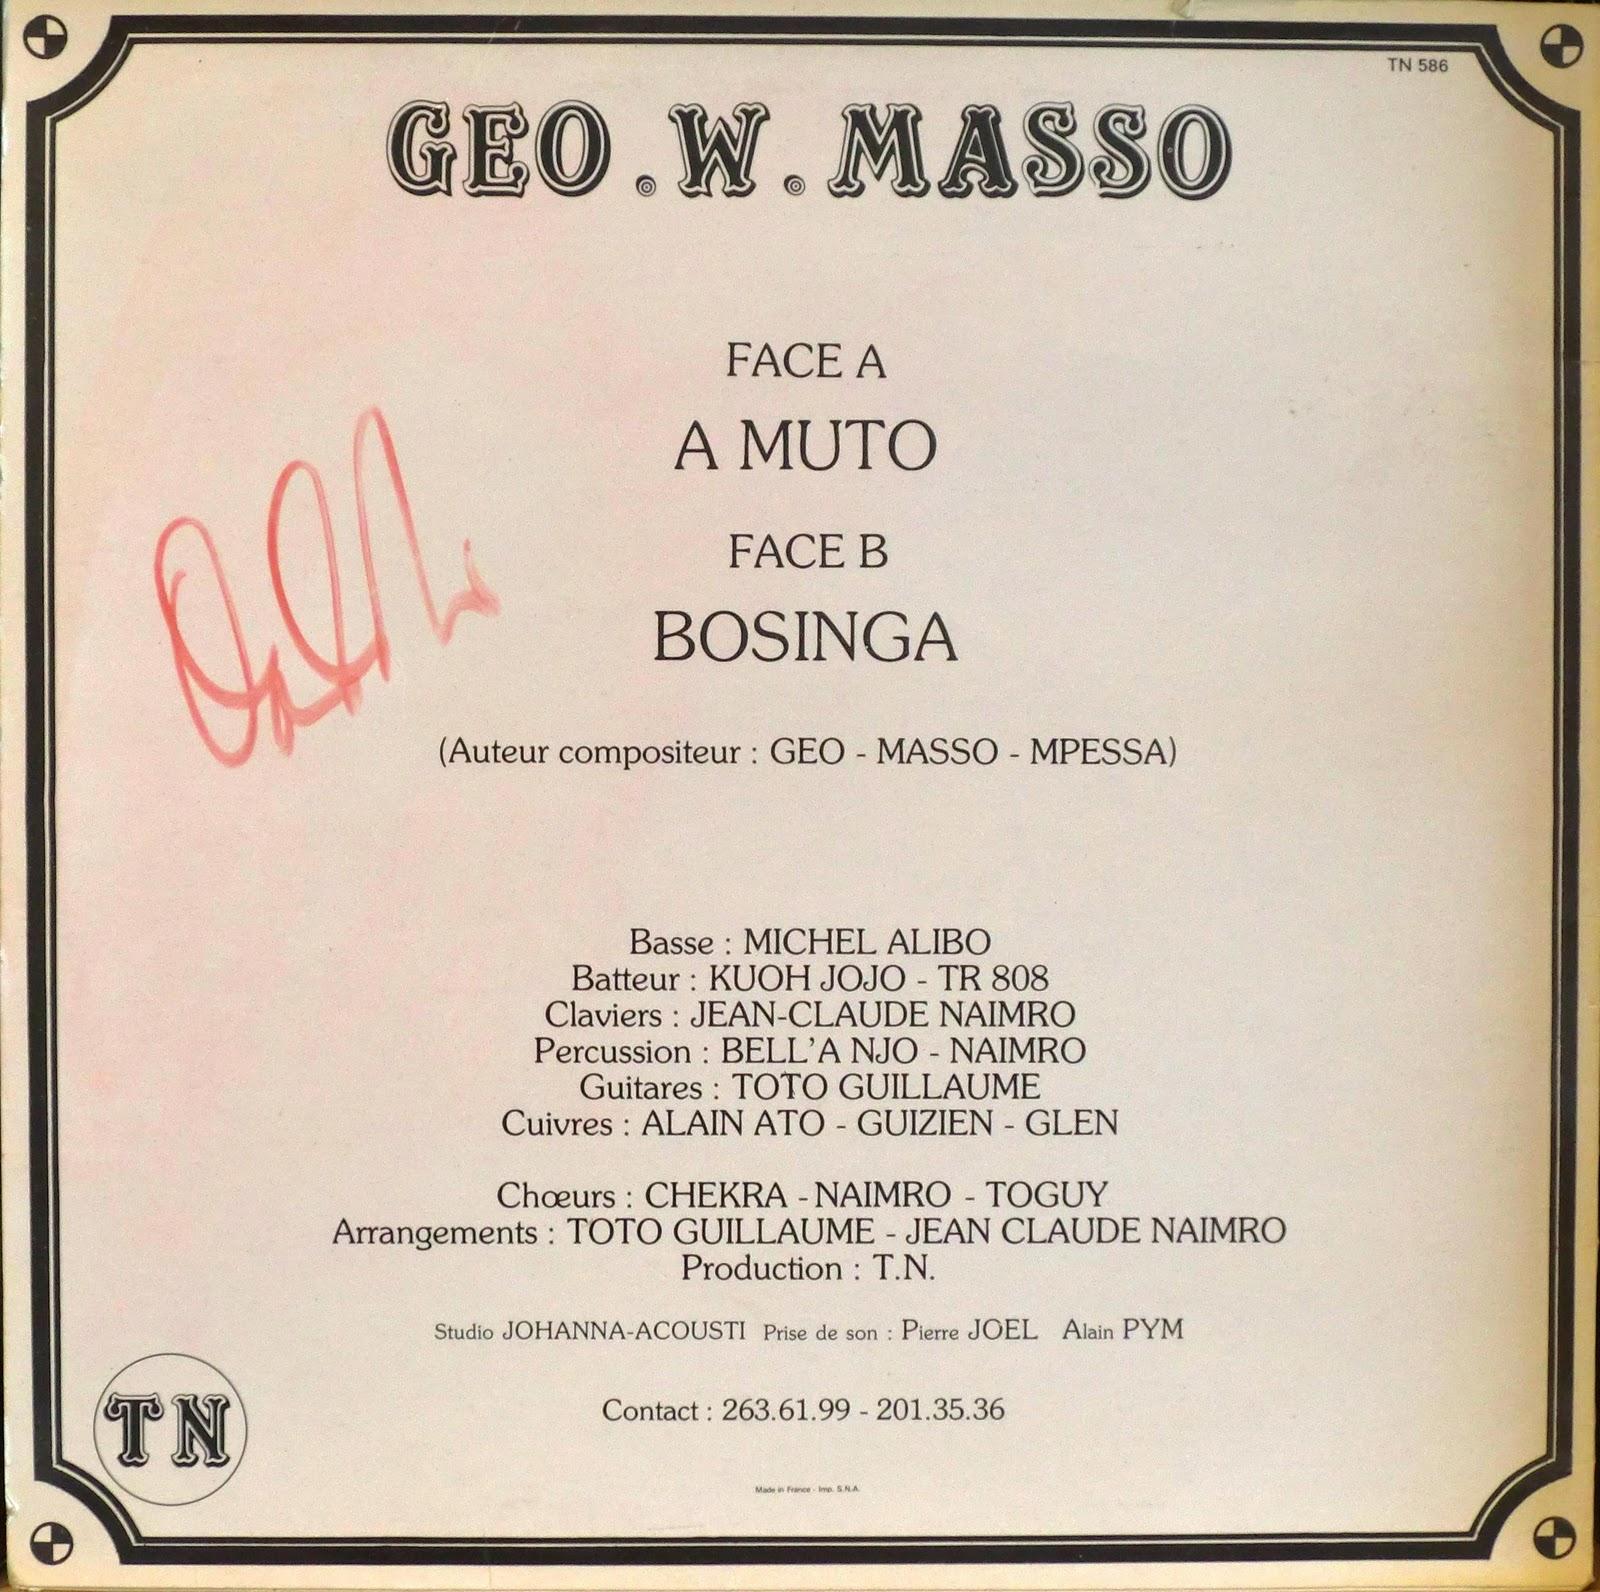 Geo. W. Masso* Geo Masso Mpessa - Muto. Bosinga.